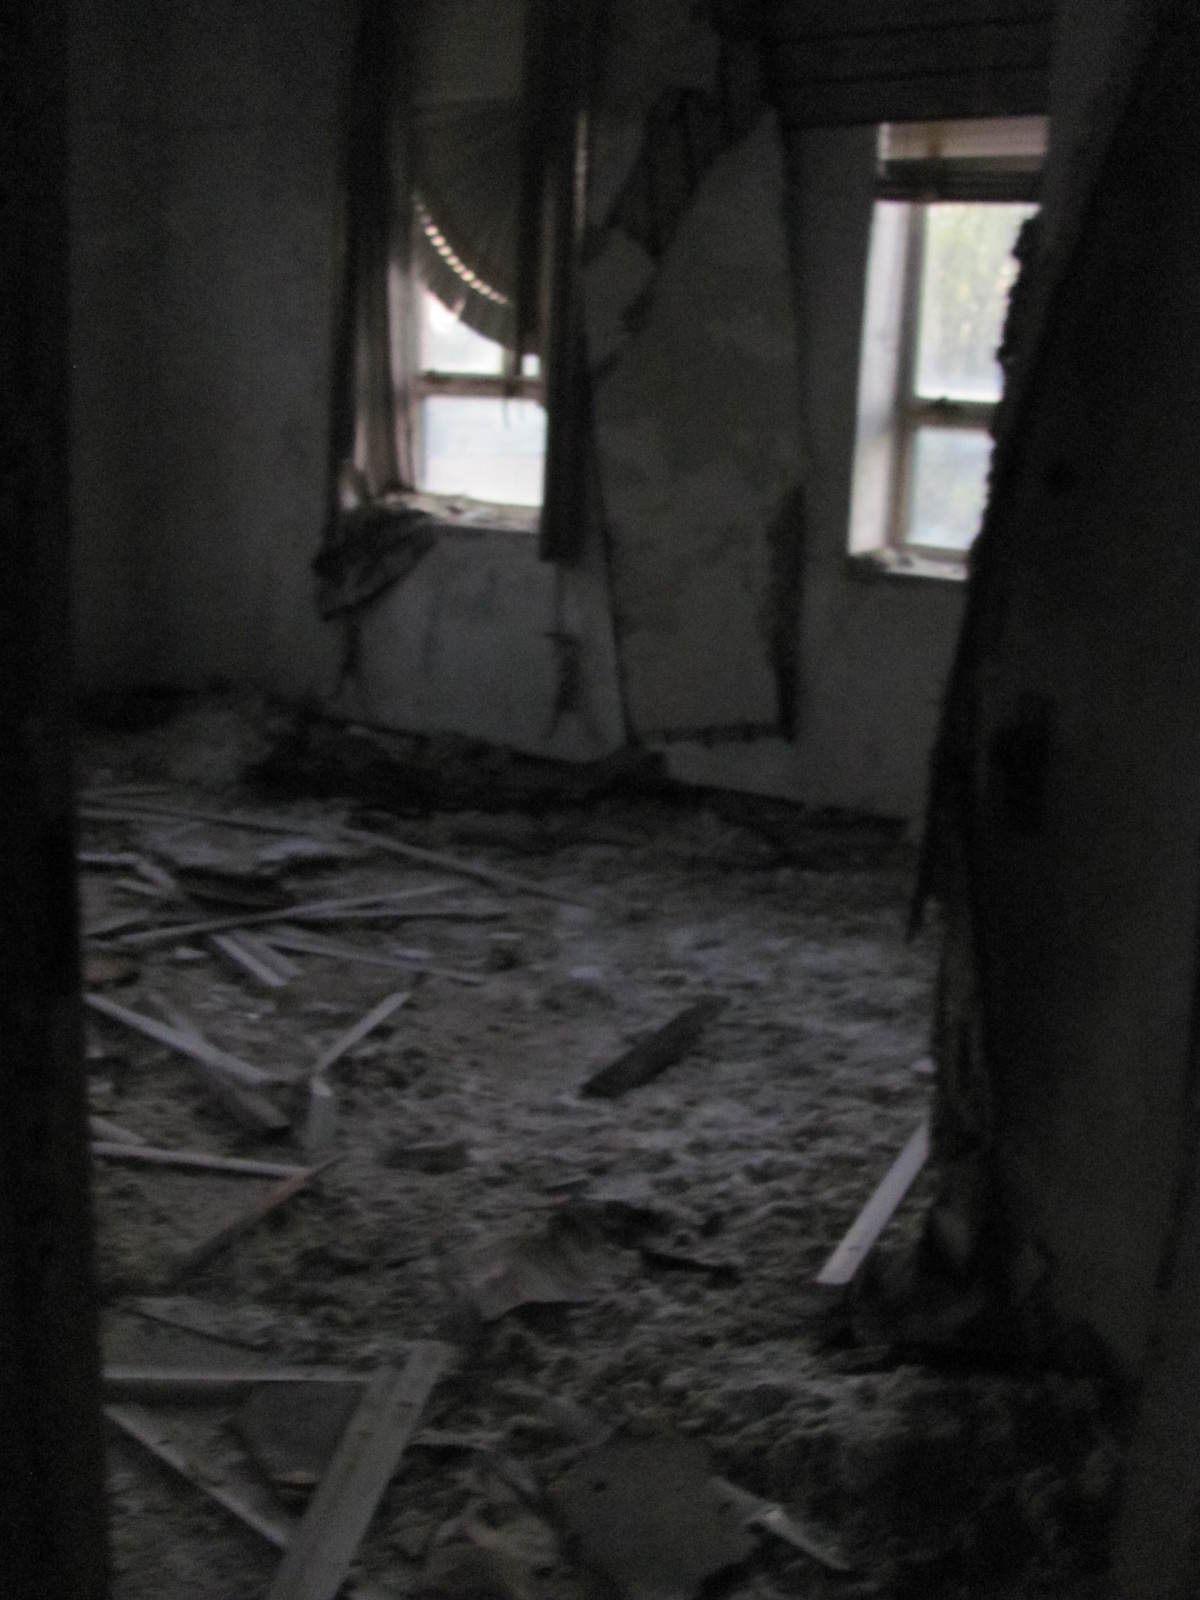 Inside the school, demolished in 2017